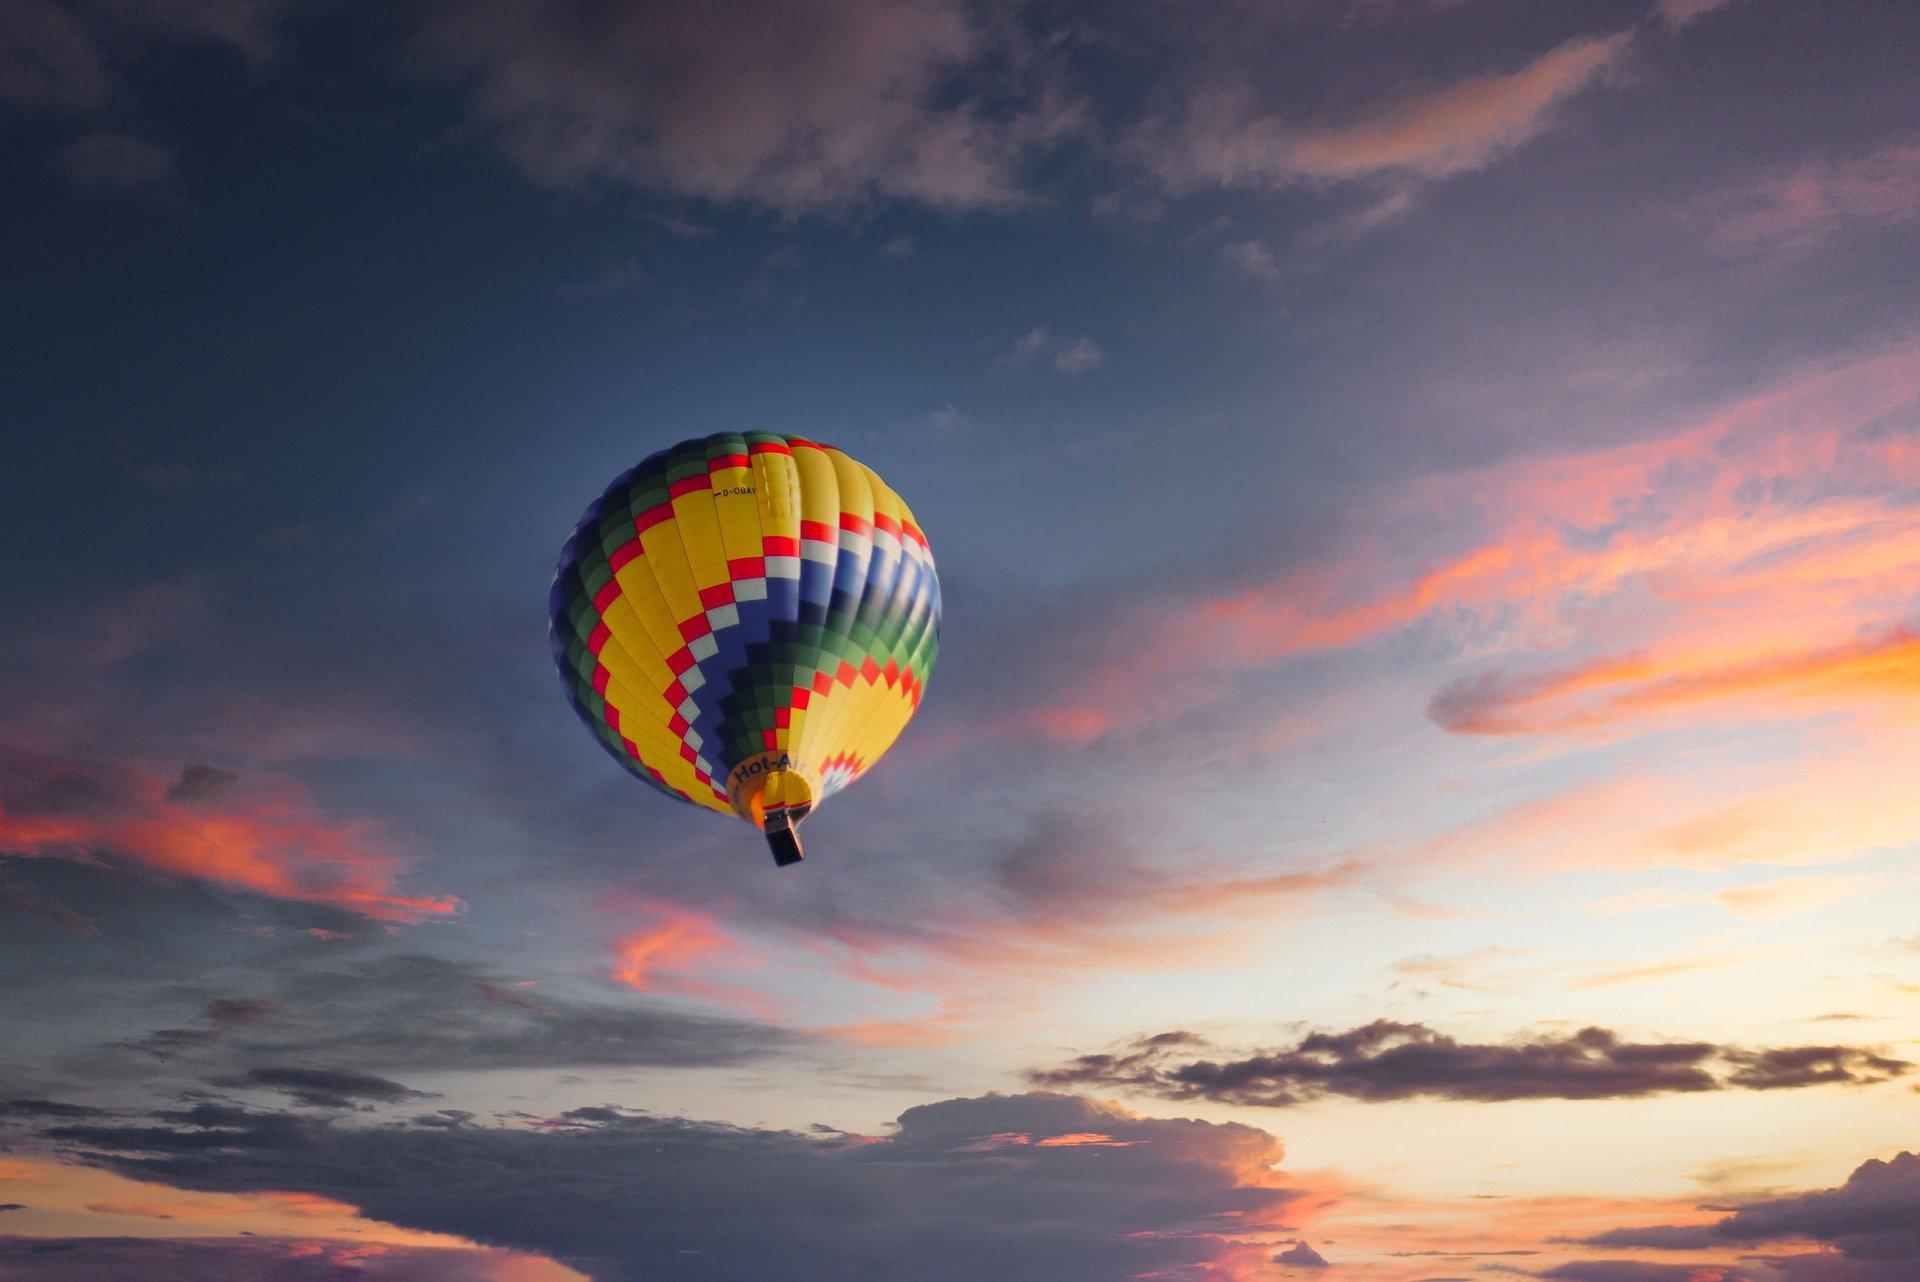 Comment visiter l'Auvergne en montgolfière ?